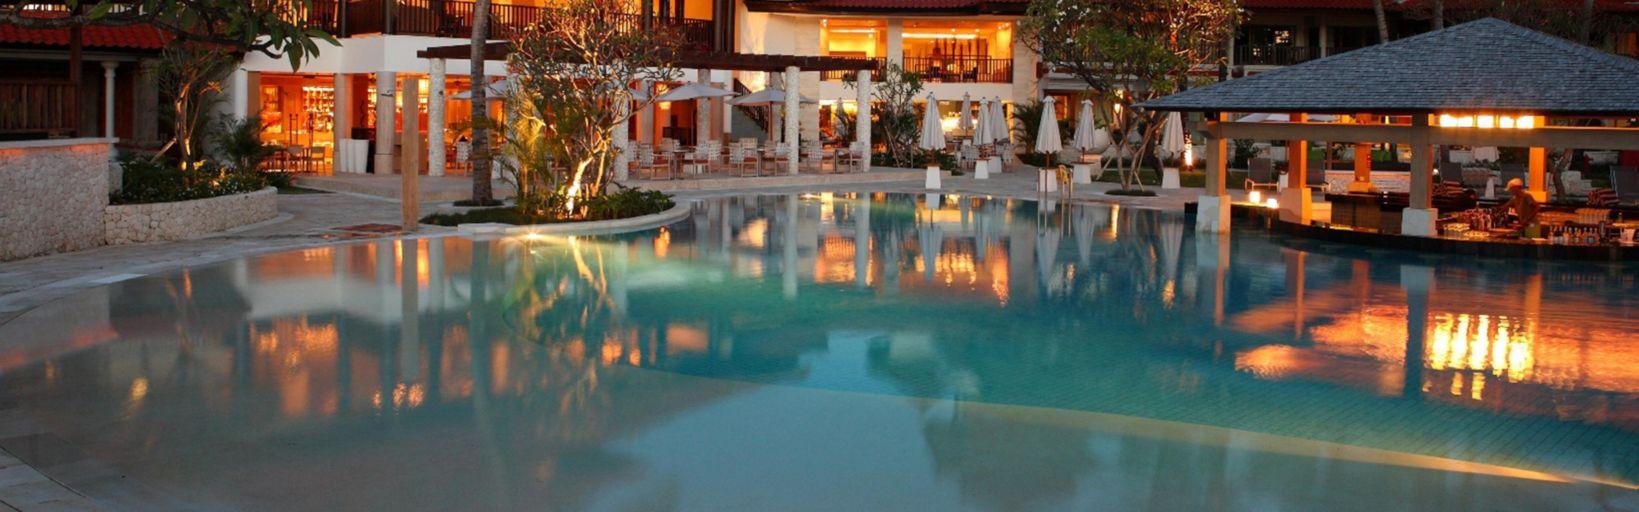 Holiday Inn Resort R Baruna Bali Hotel Exterior